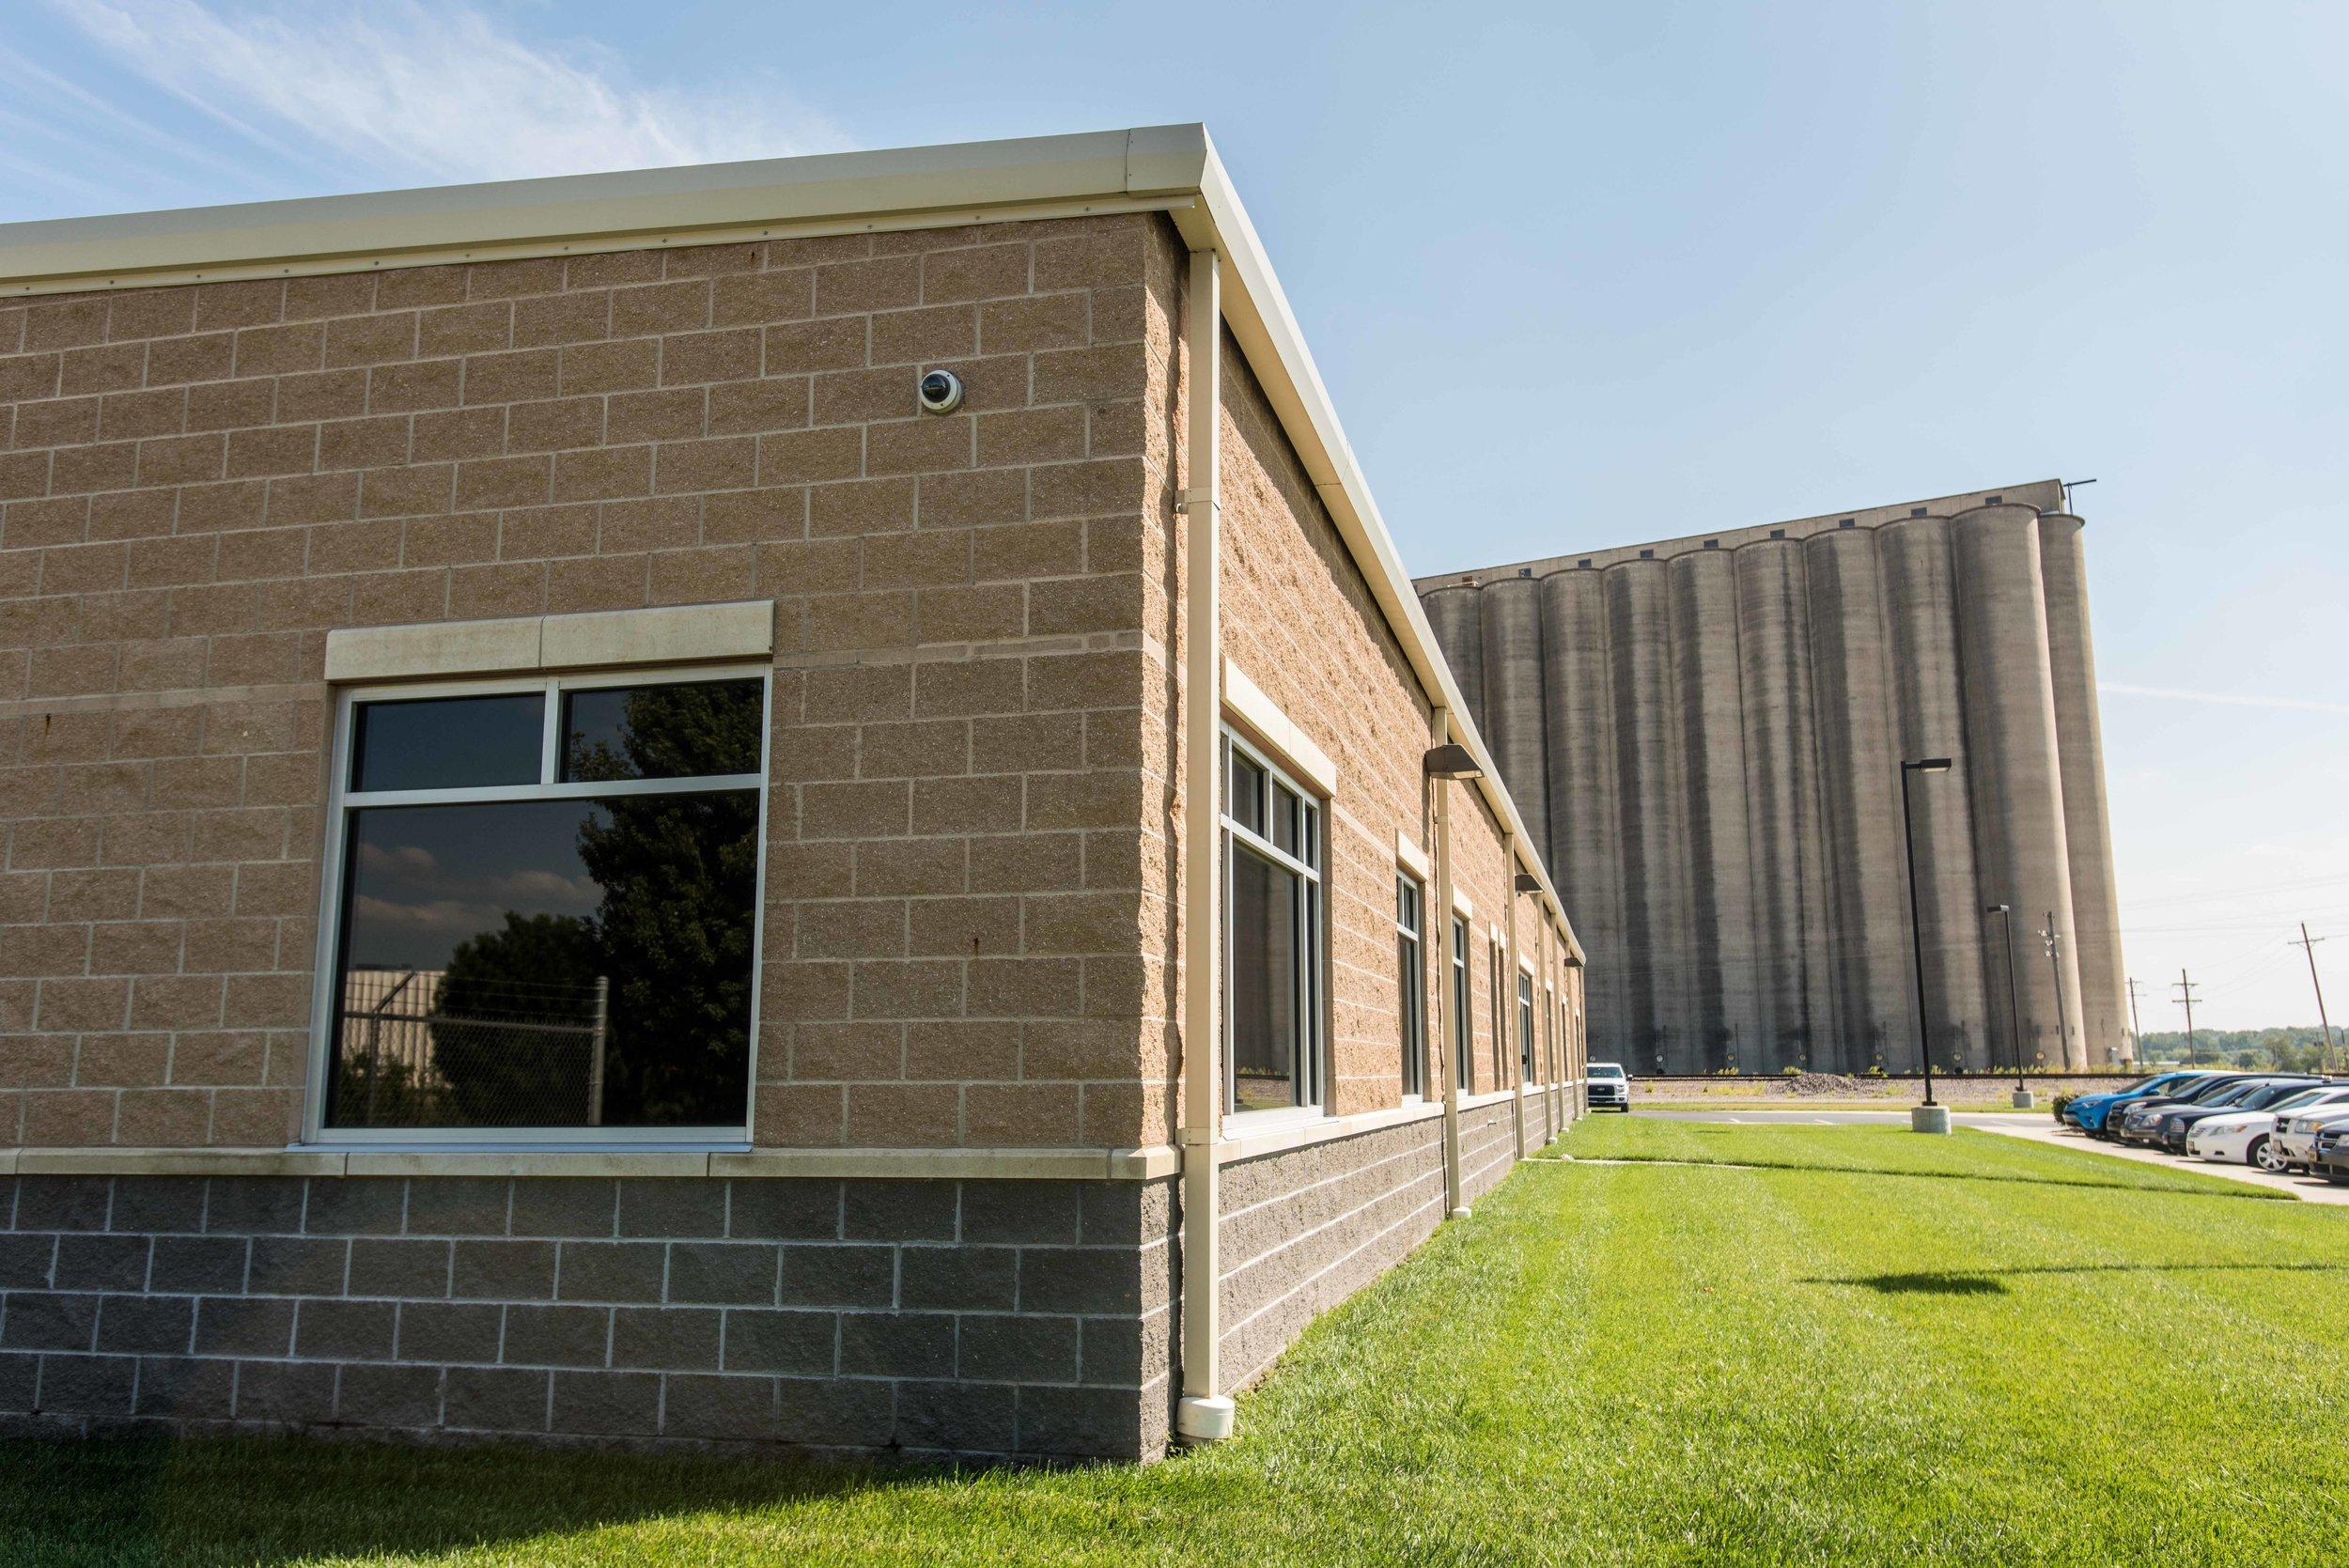 Bettis Asphalt Offices - Client: Bettis Asphalt and ConstructionArchitect:Architect One P.A.